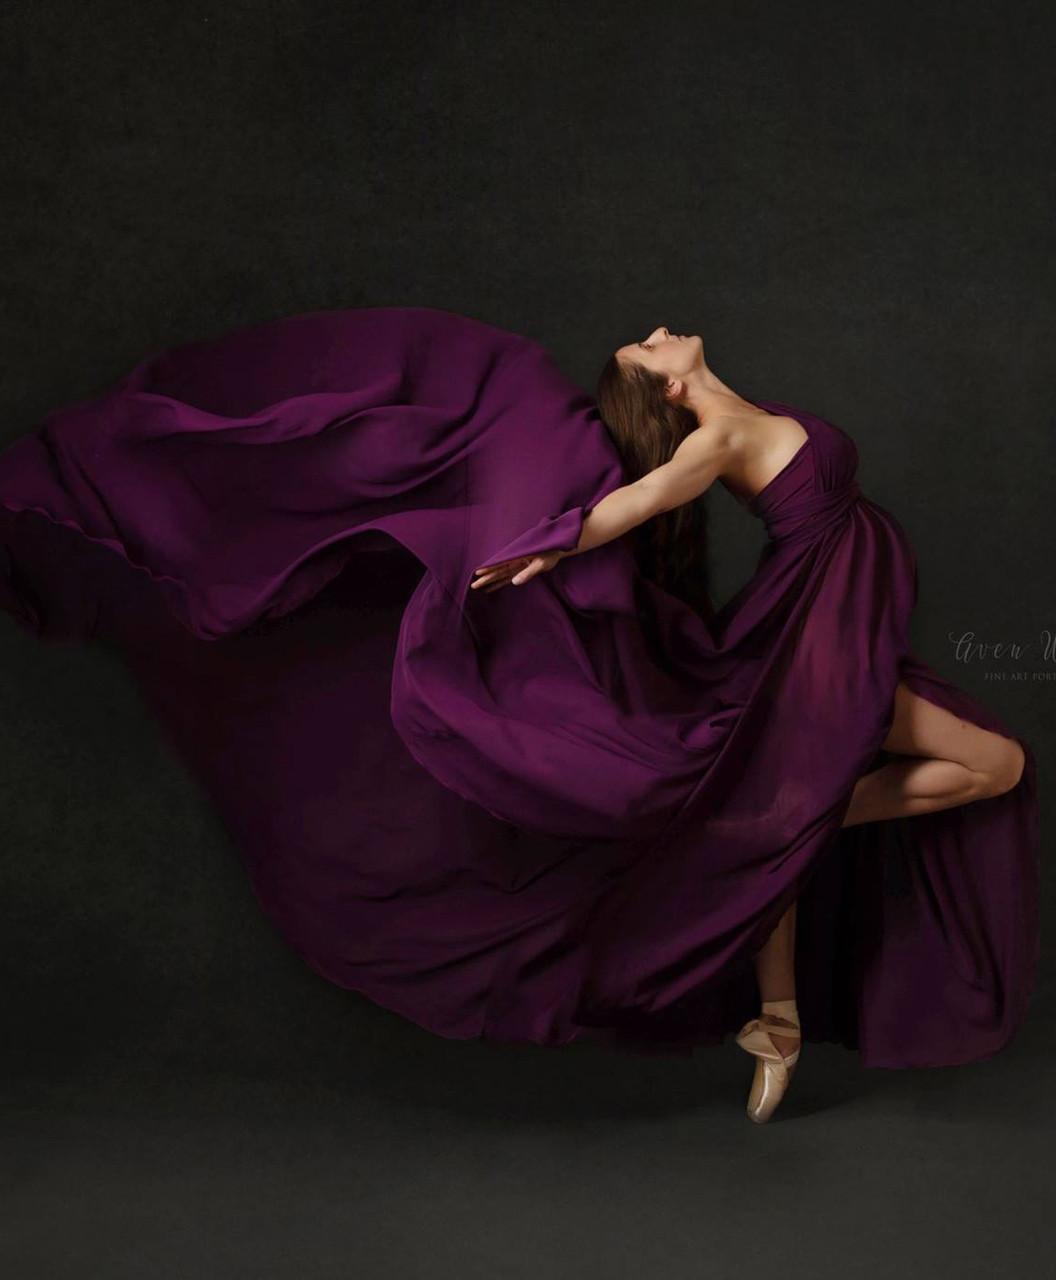 4e0f24c439 Caroline Infinity Full Circle Chiffon Maternity Dress with Long ...